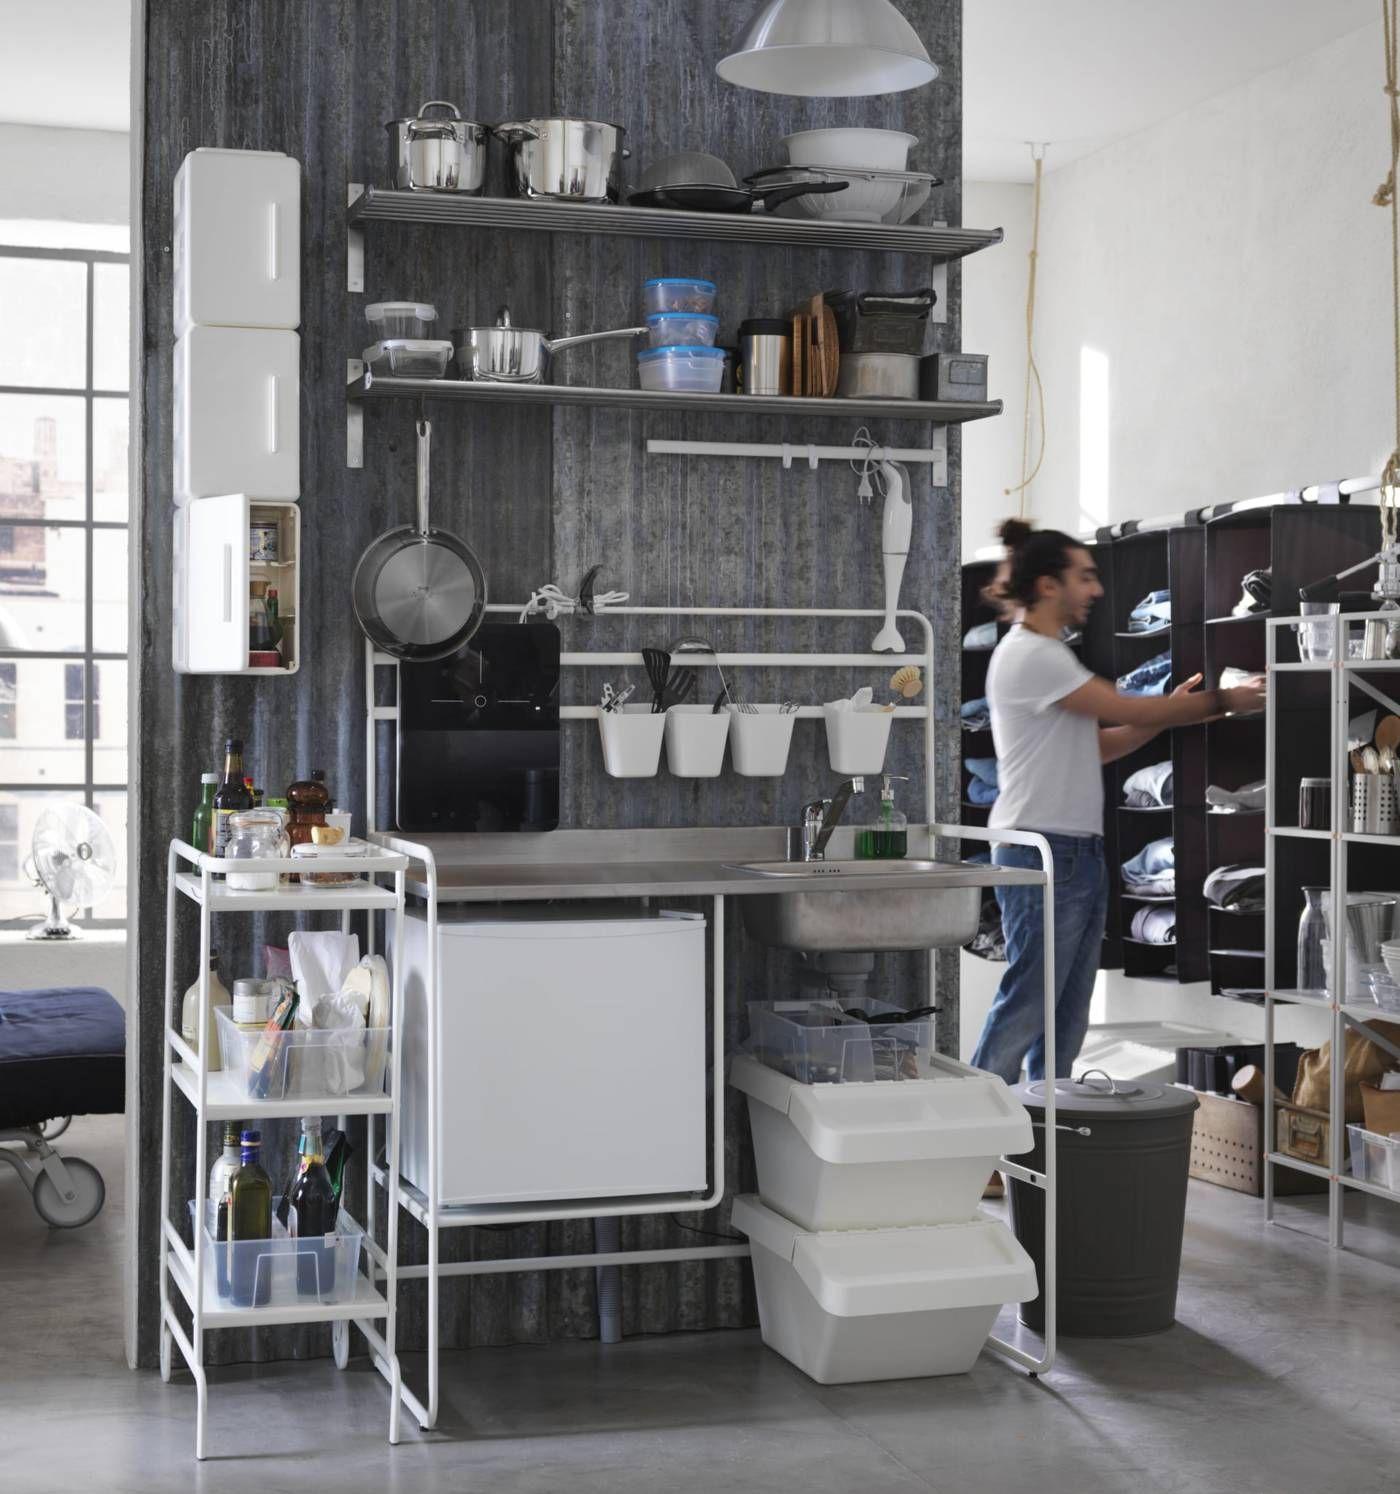 Miniküche 2017  Sunnersta Miniküche im Katalog | Wohnung: Ikea - zum einfachen ...